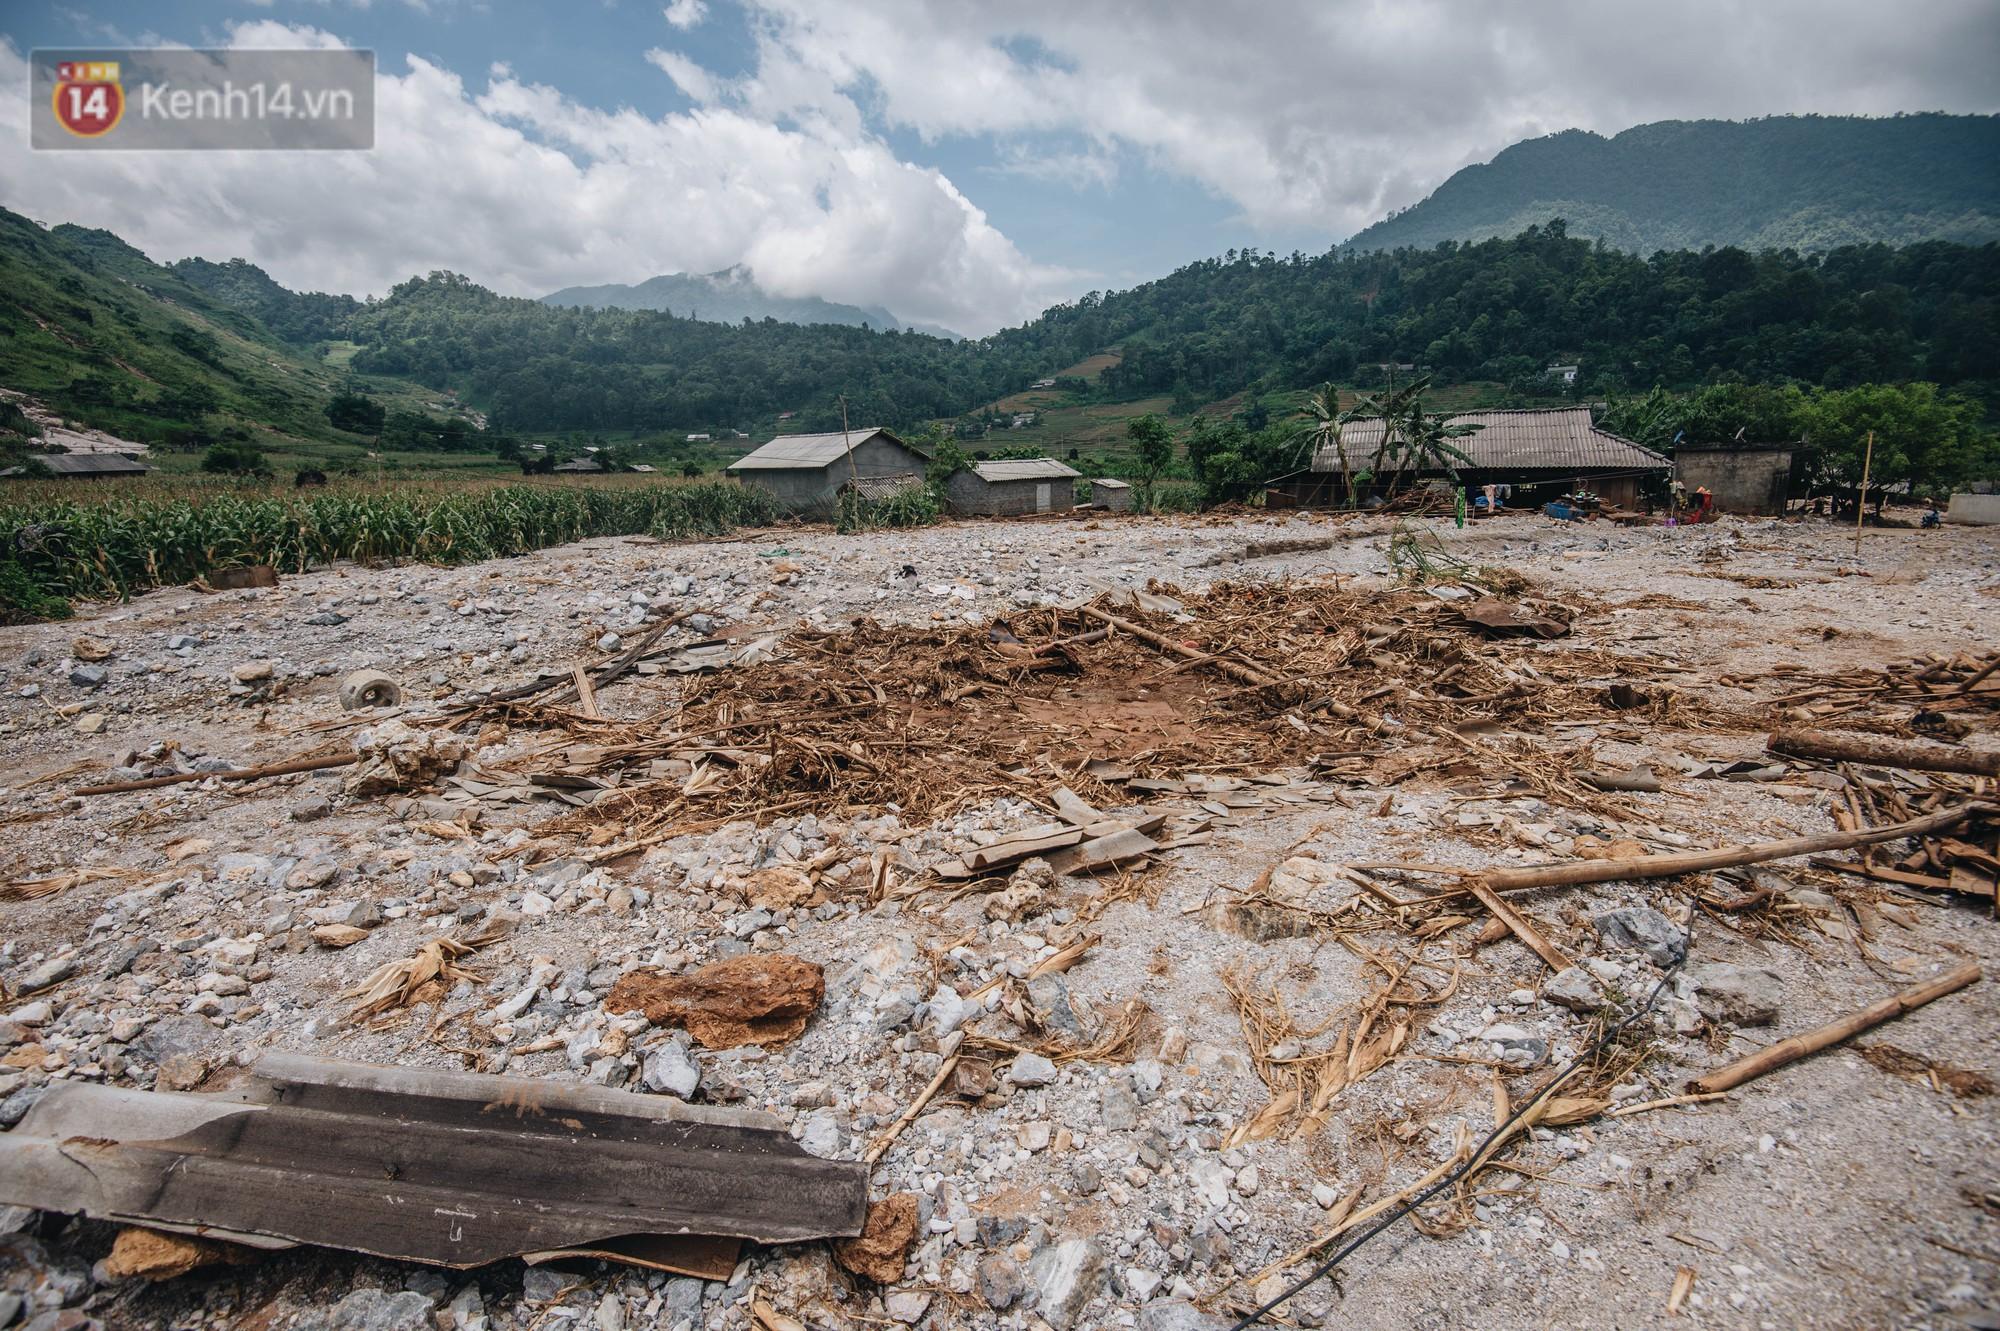 Trận lũ đau thương ở Hà Giang trong vòng 10 năm qua: Giờ đâu còn nhà nữa, mất hết, lũ cuốn trôi hết rồi... - Ảnh 8.